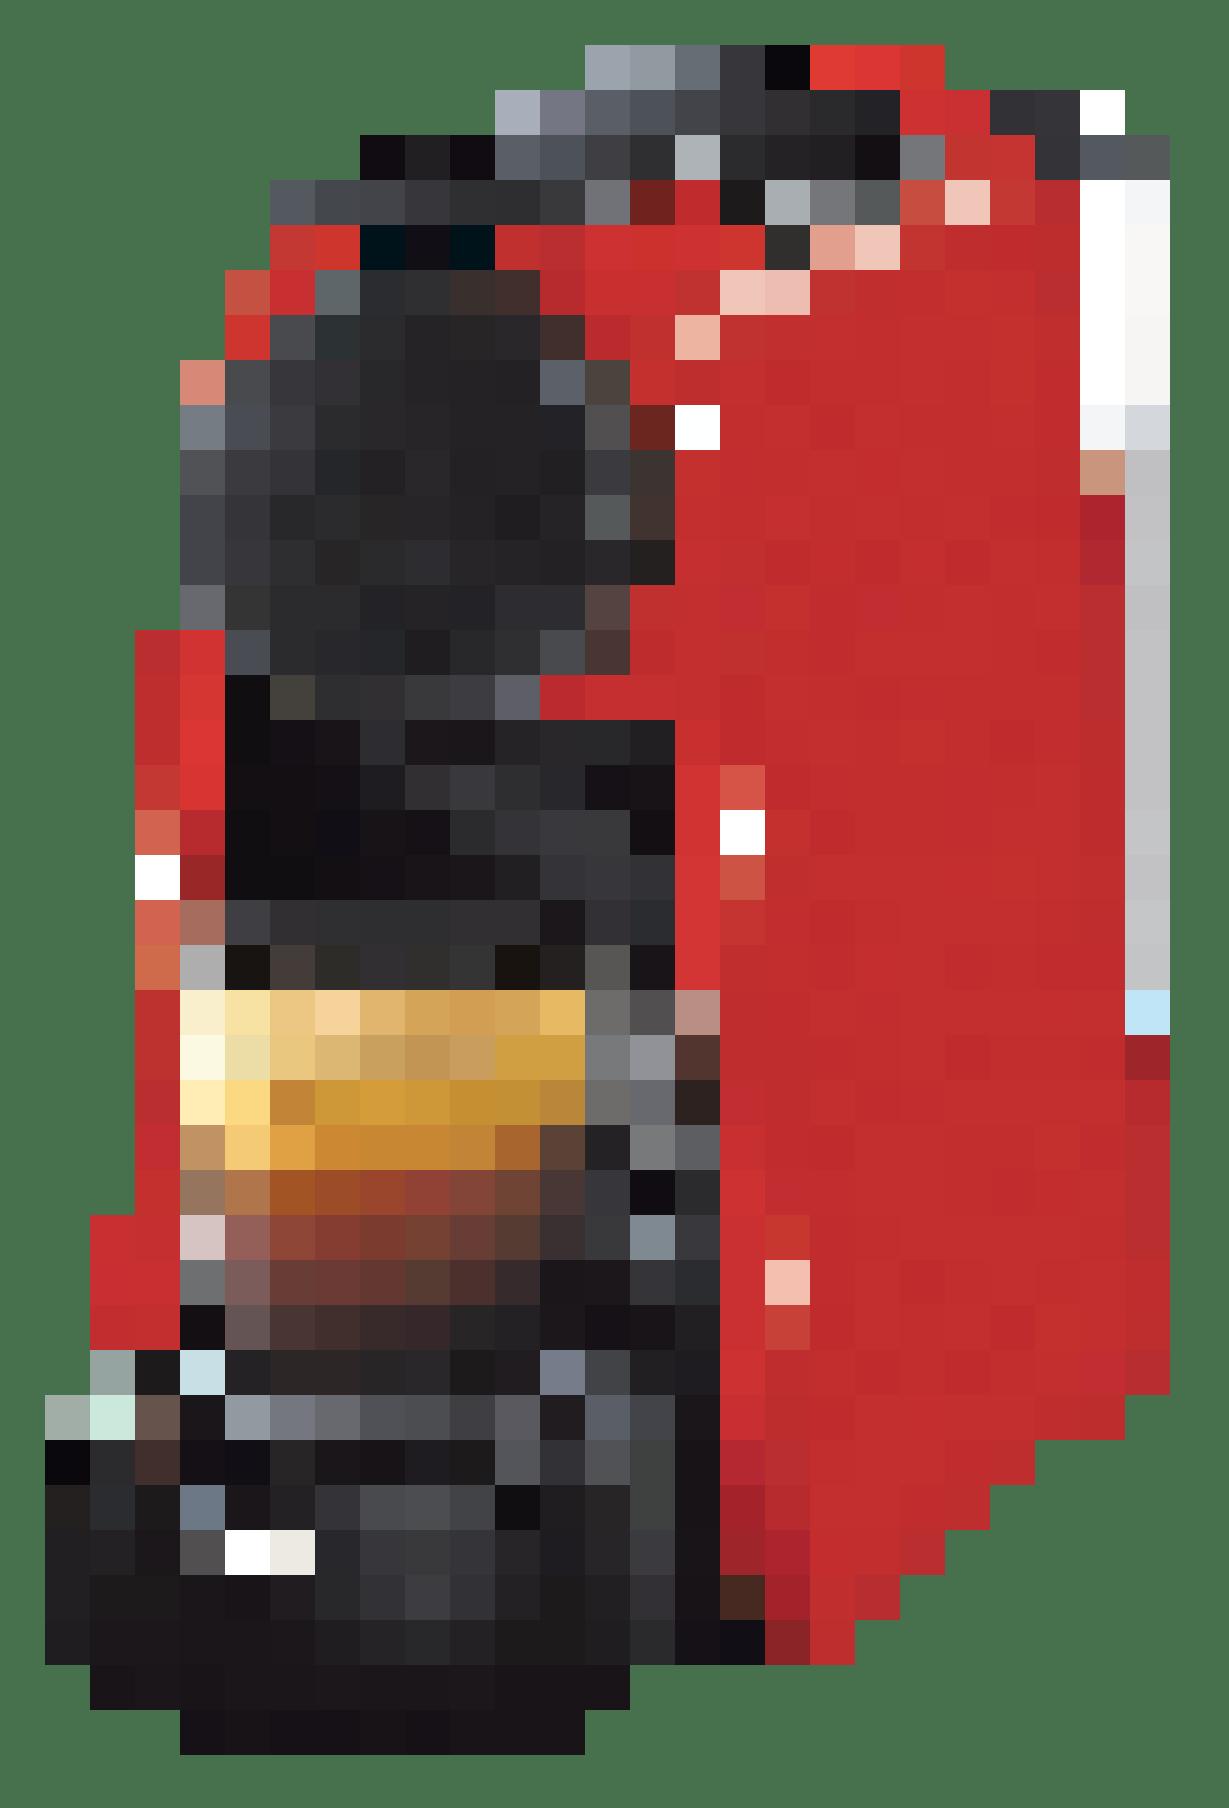 Macchina per espresso Delonghi Mini, fr. 89.90, da Fust.